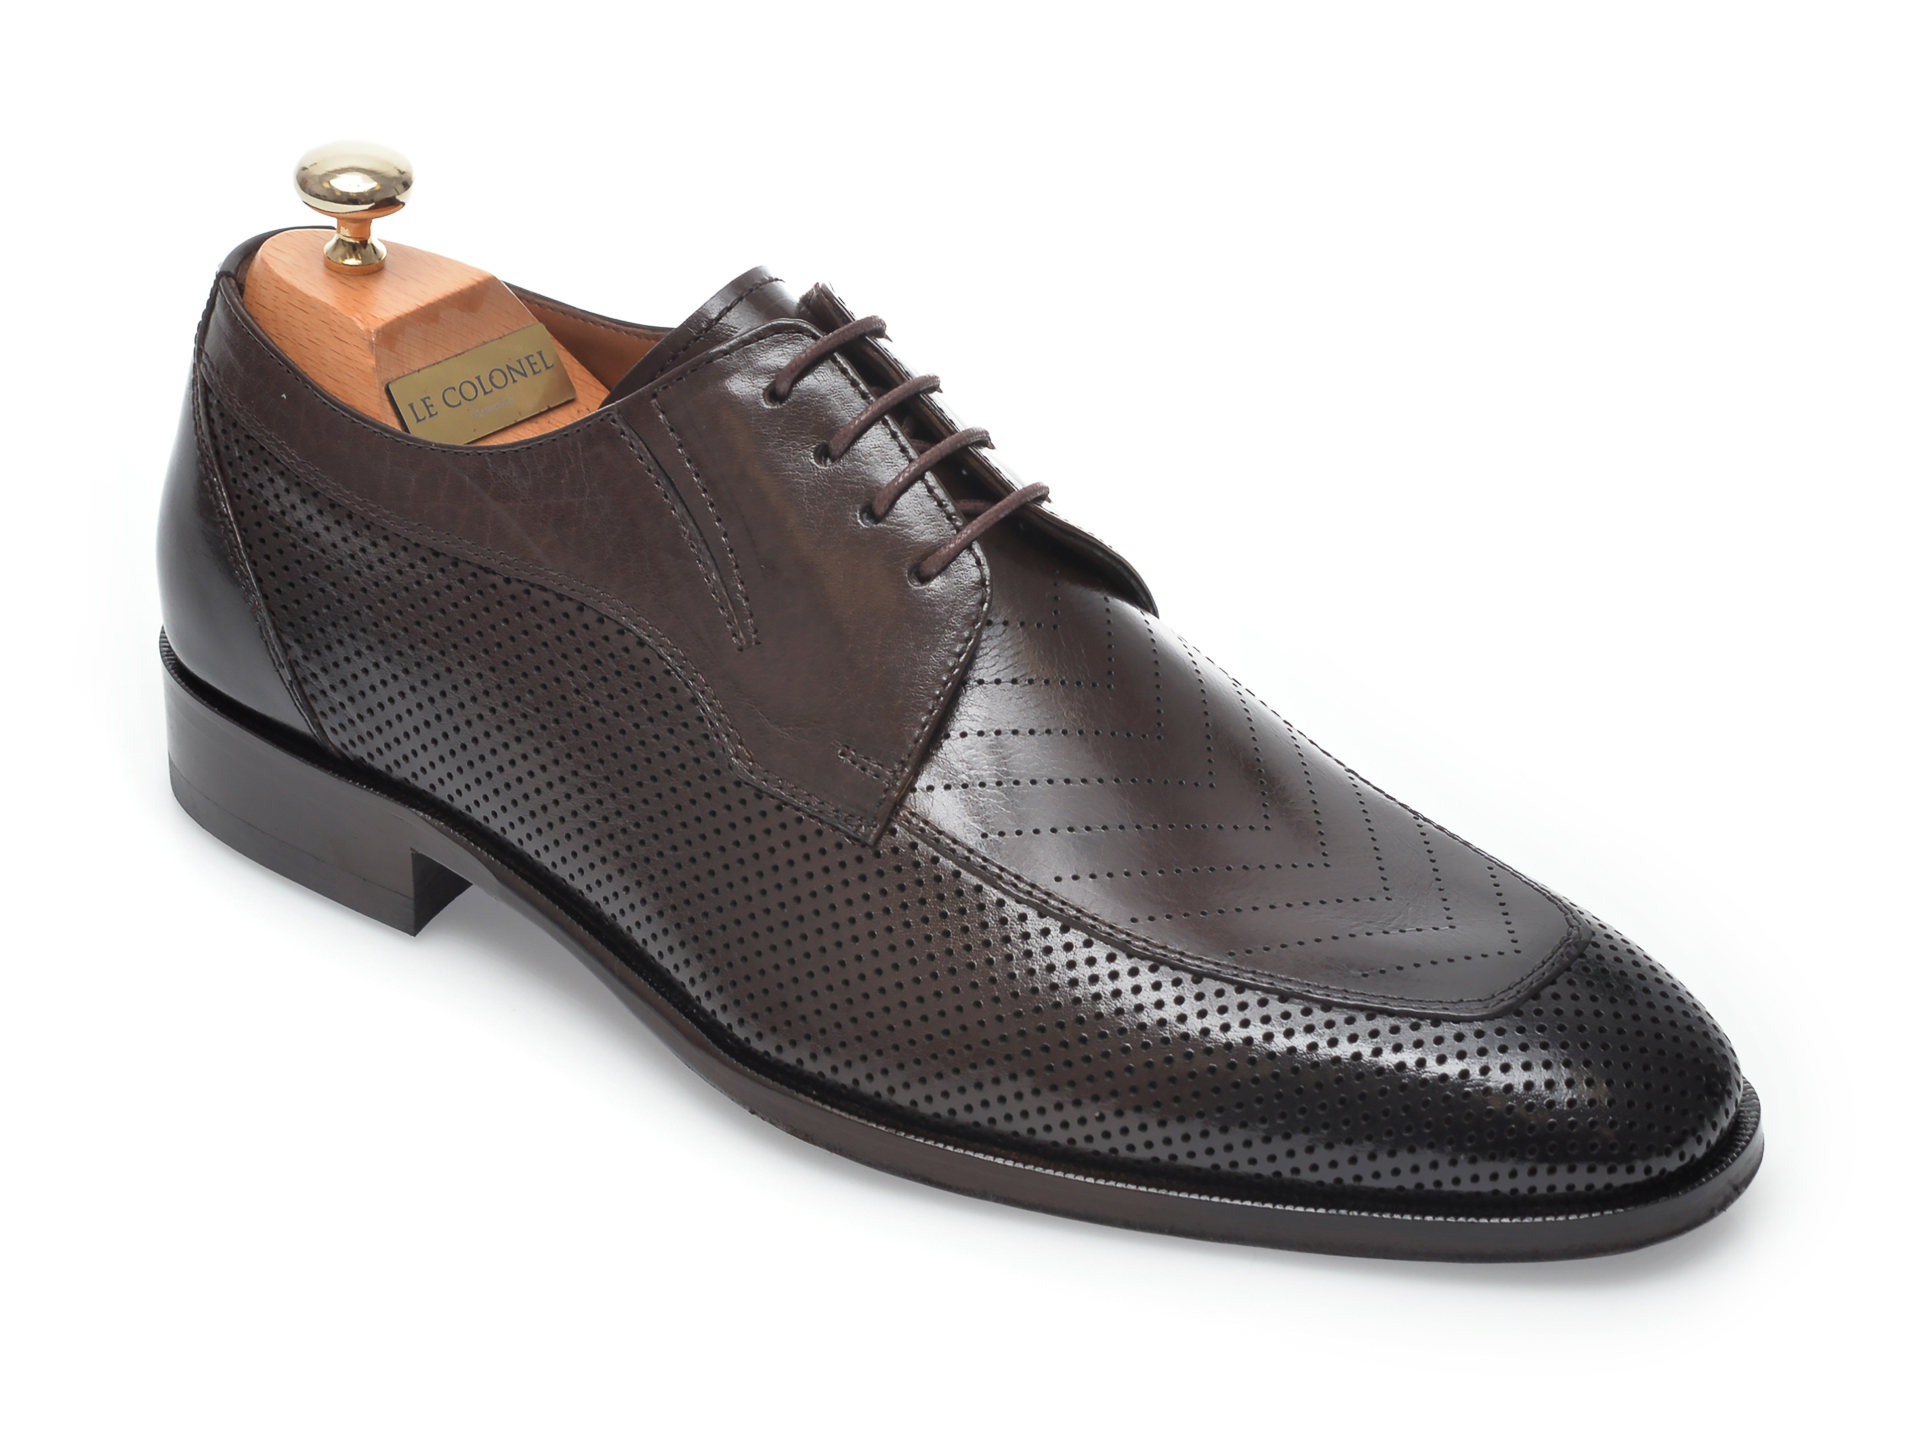 Pantofi LE COLONEL maro, 48457, din piele naturala imagine otter.ro 2021